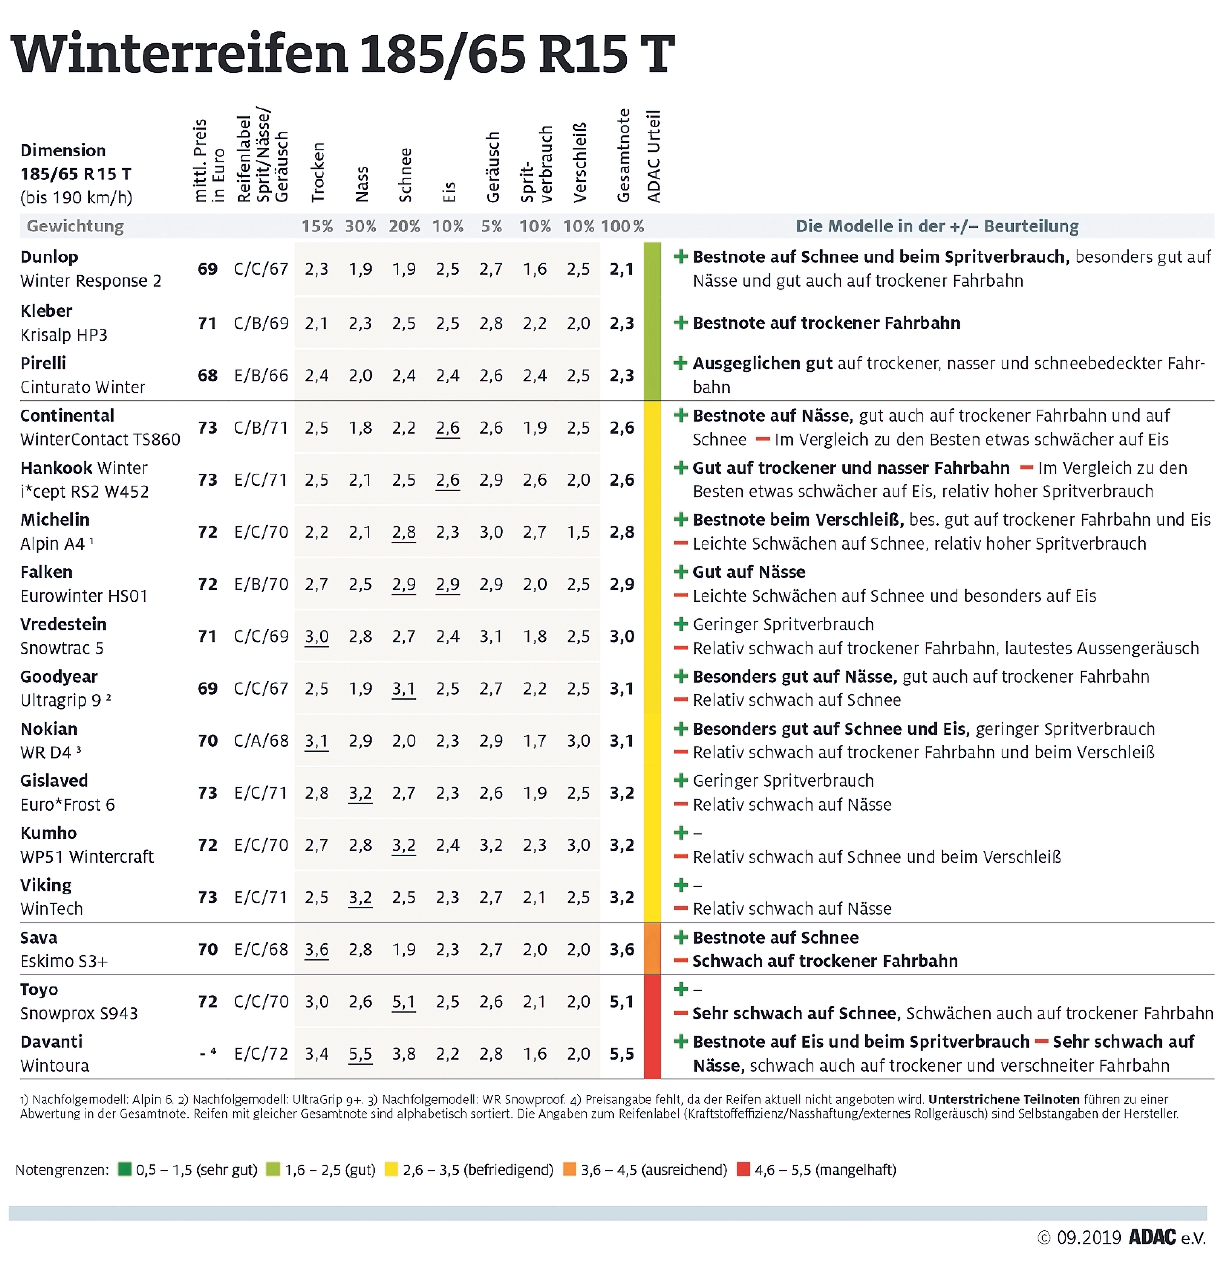 Winterreifen 185/65 R15 T